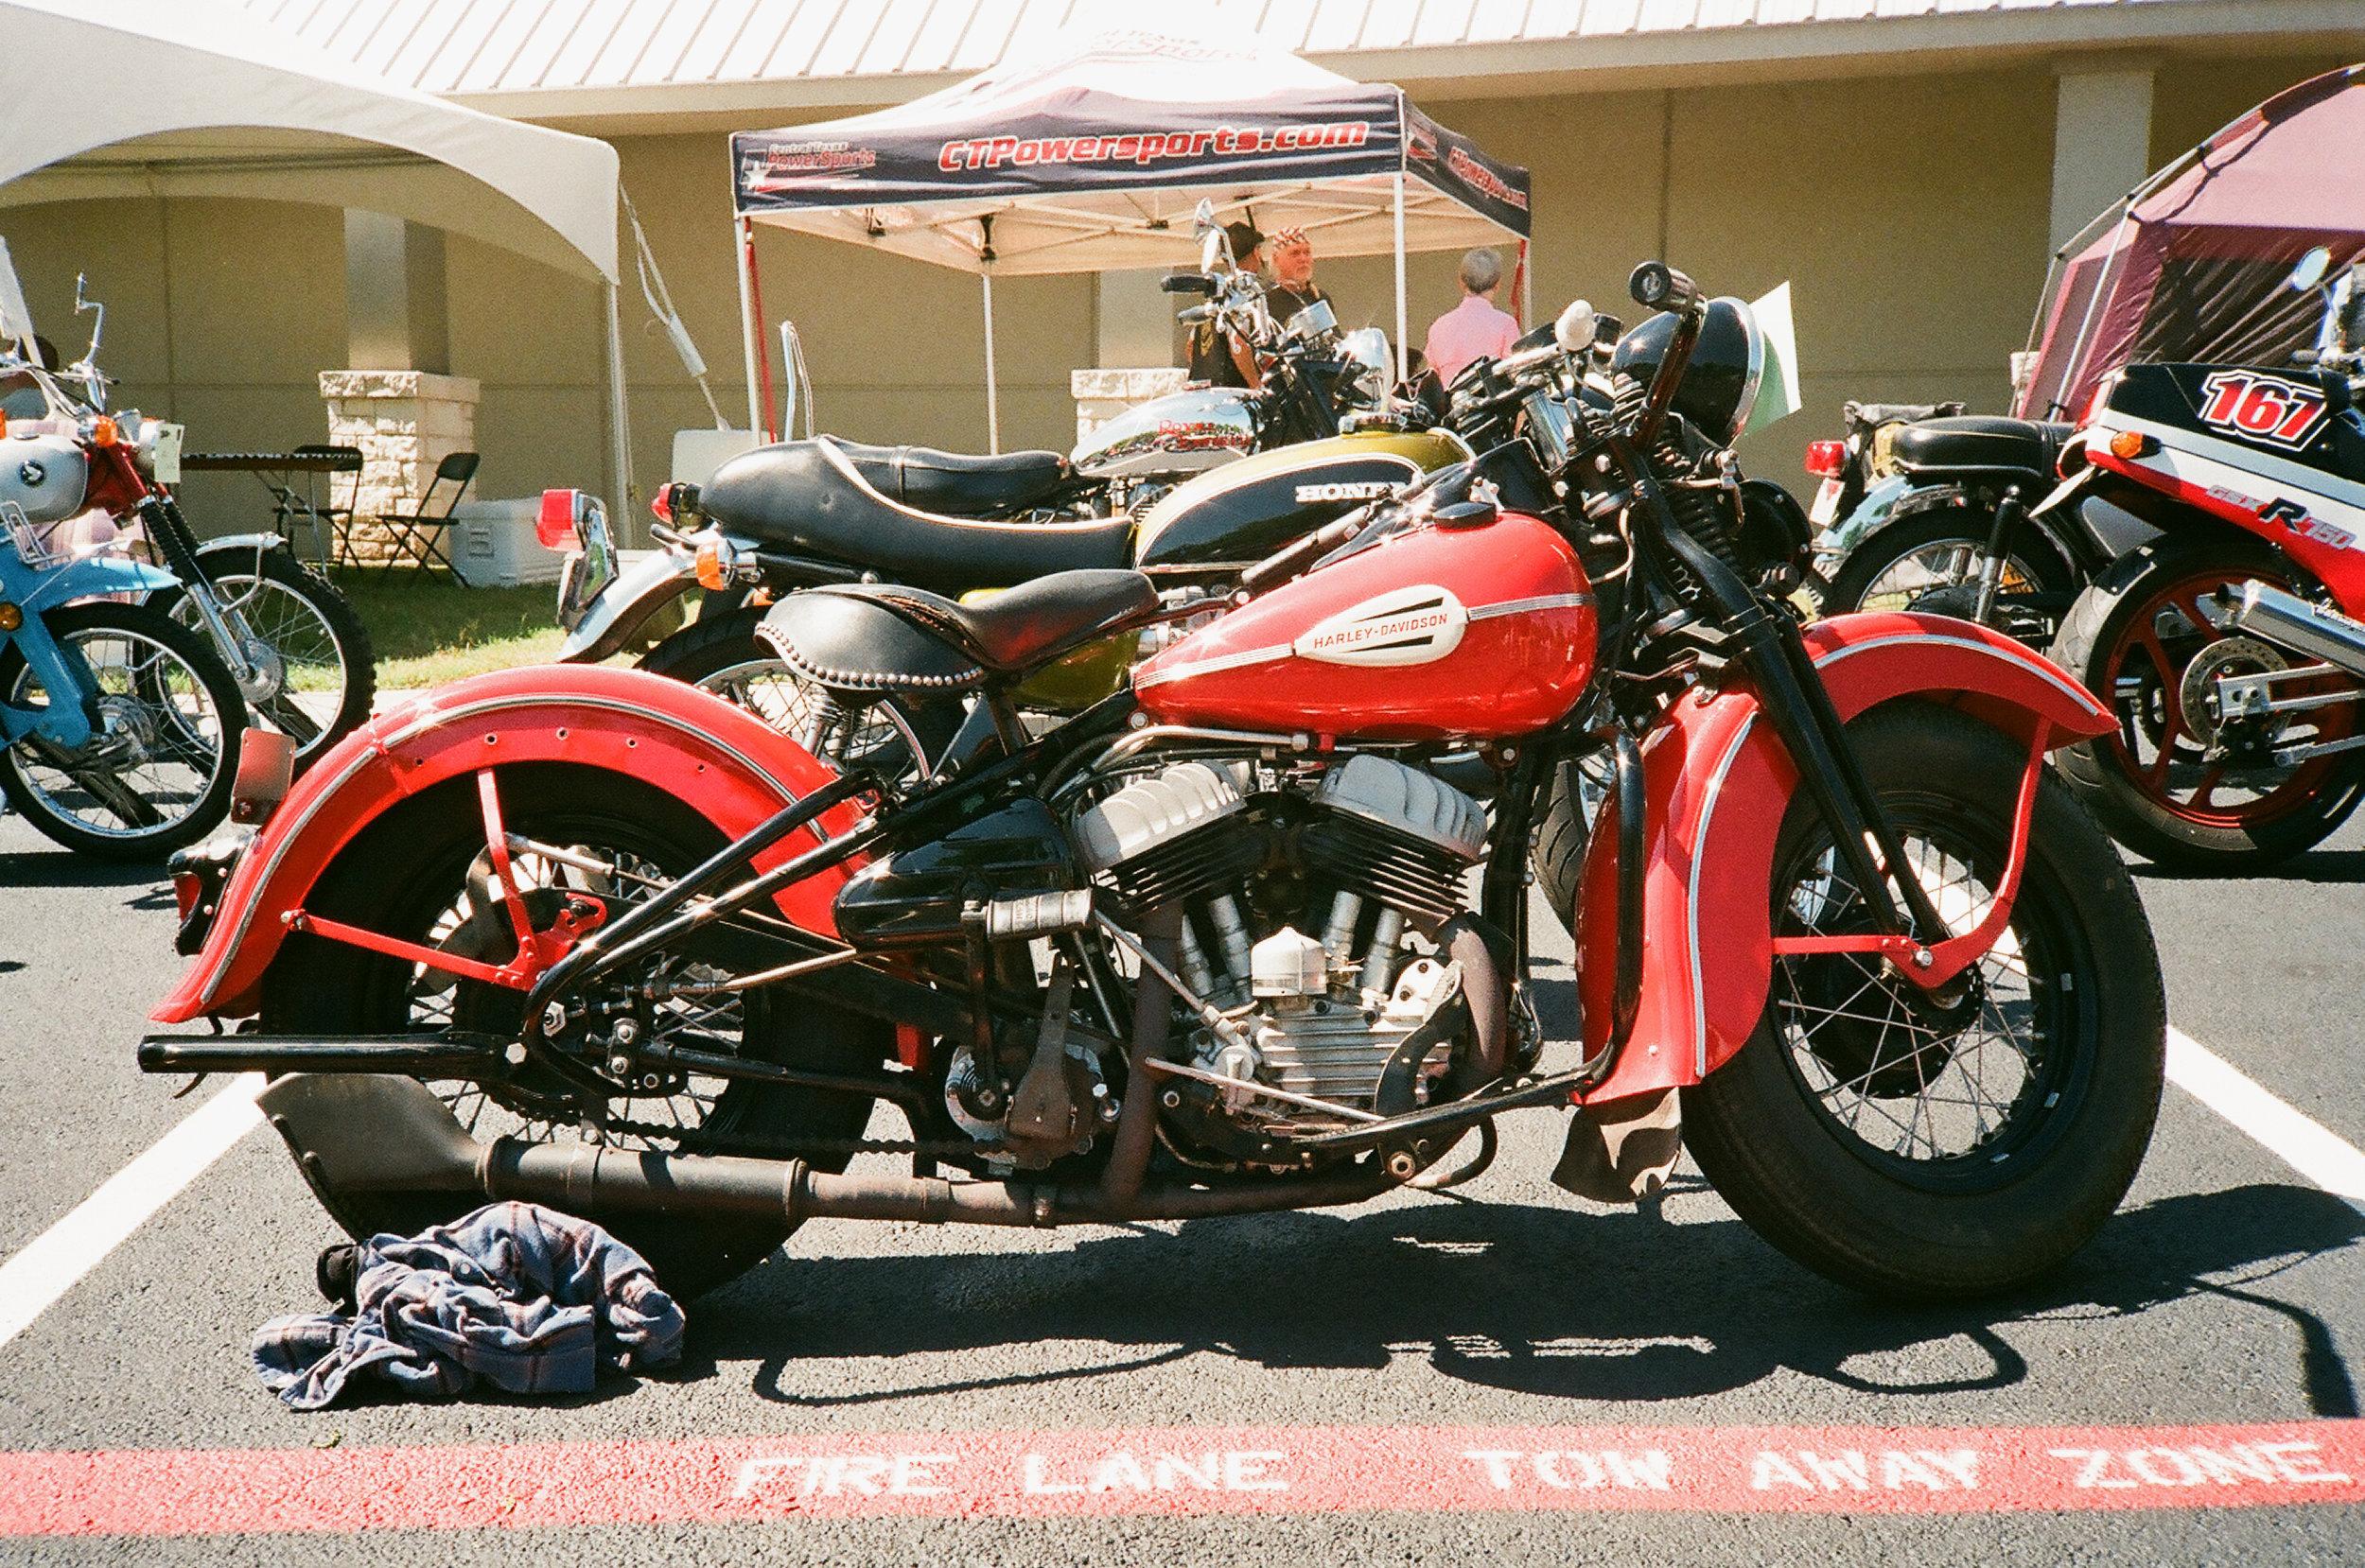 texas-motorcycle-revival-2017-58500008.jpg